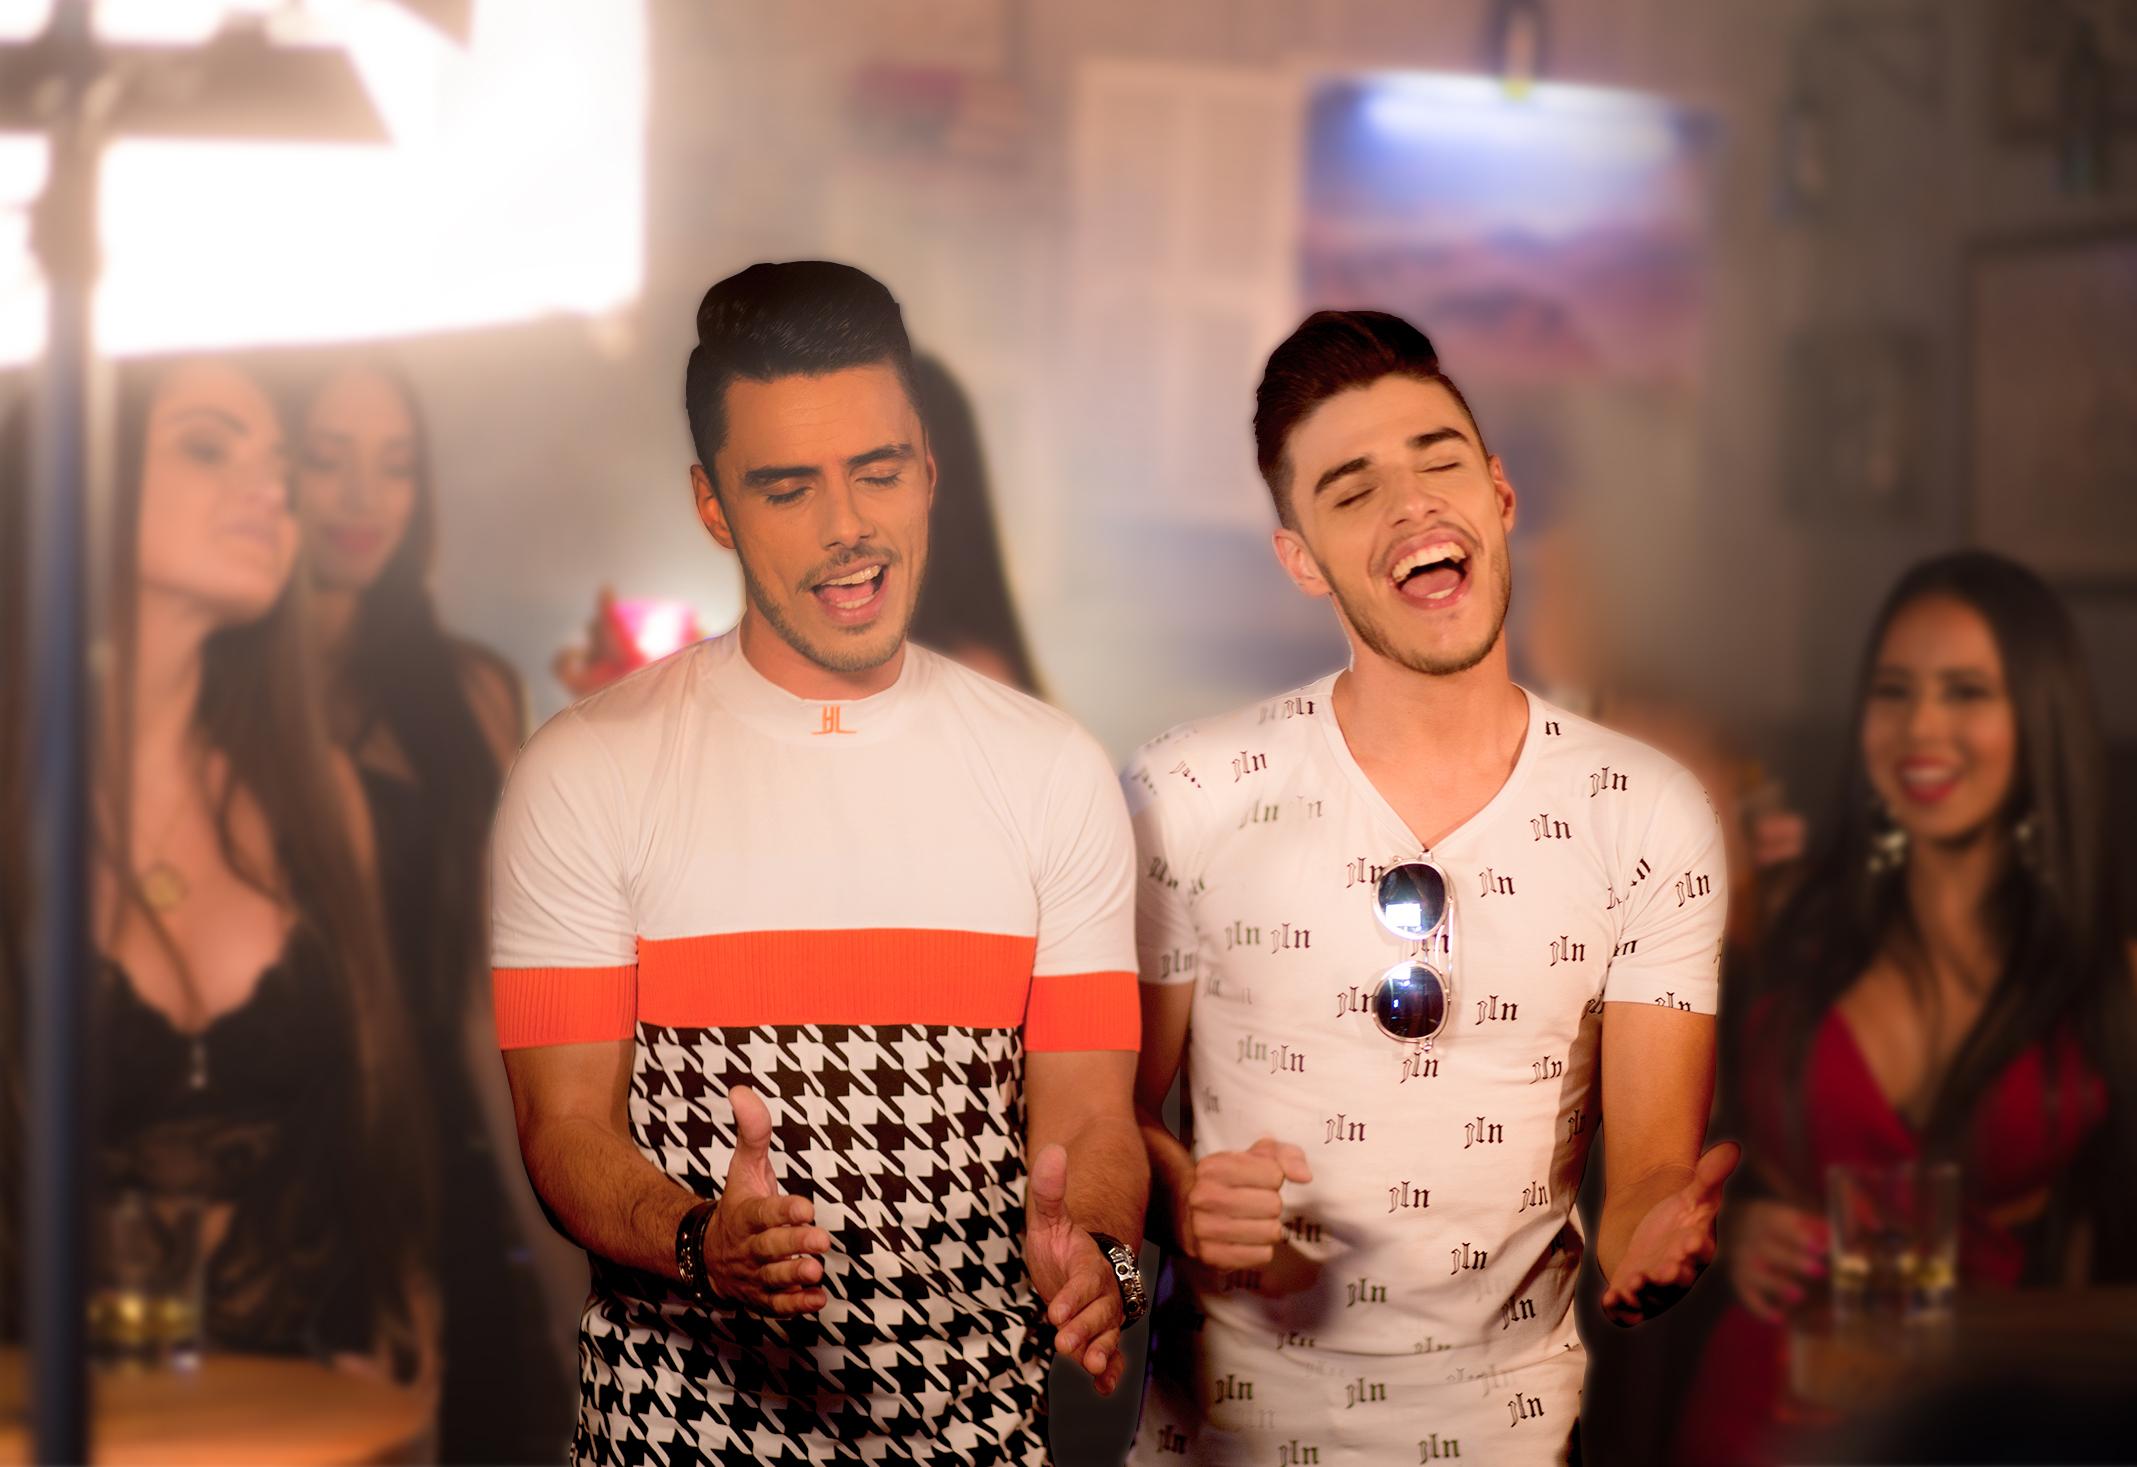 'Meu Remédio' a nova música da dupla Dimy e Denis